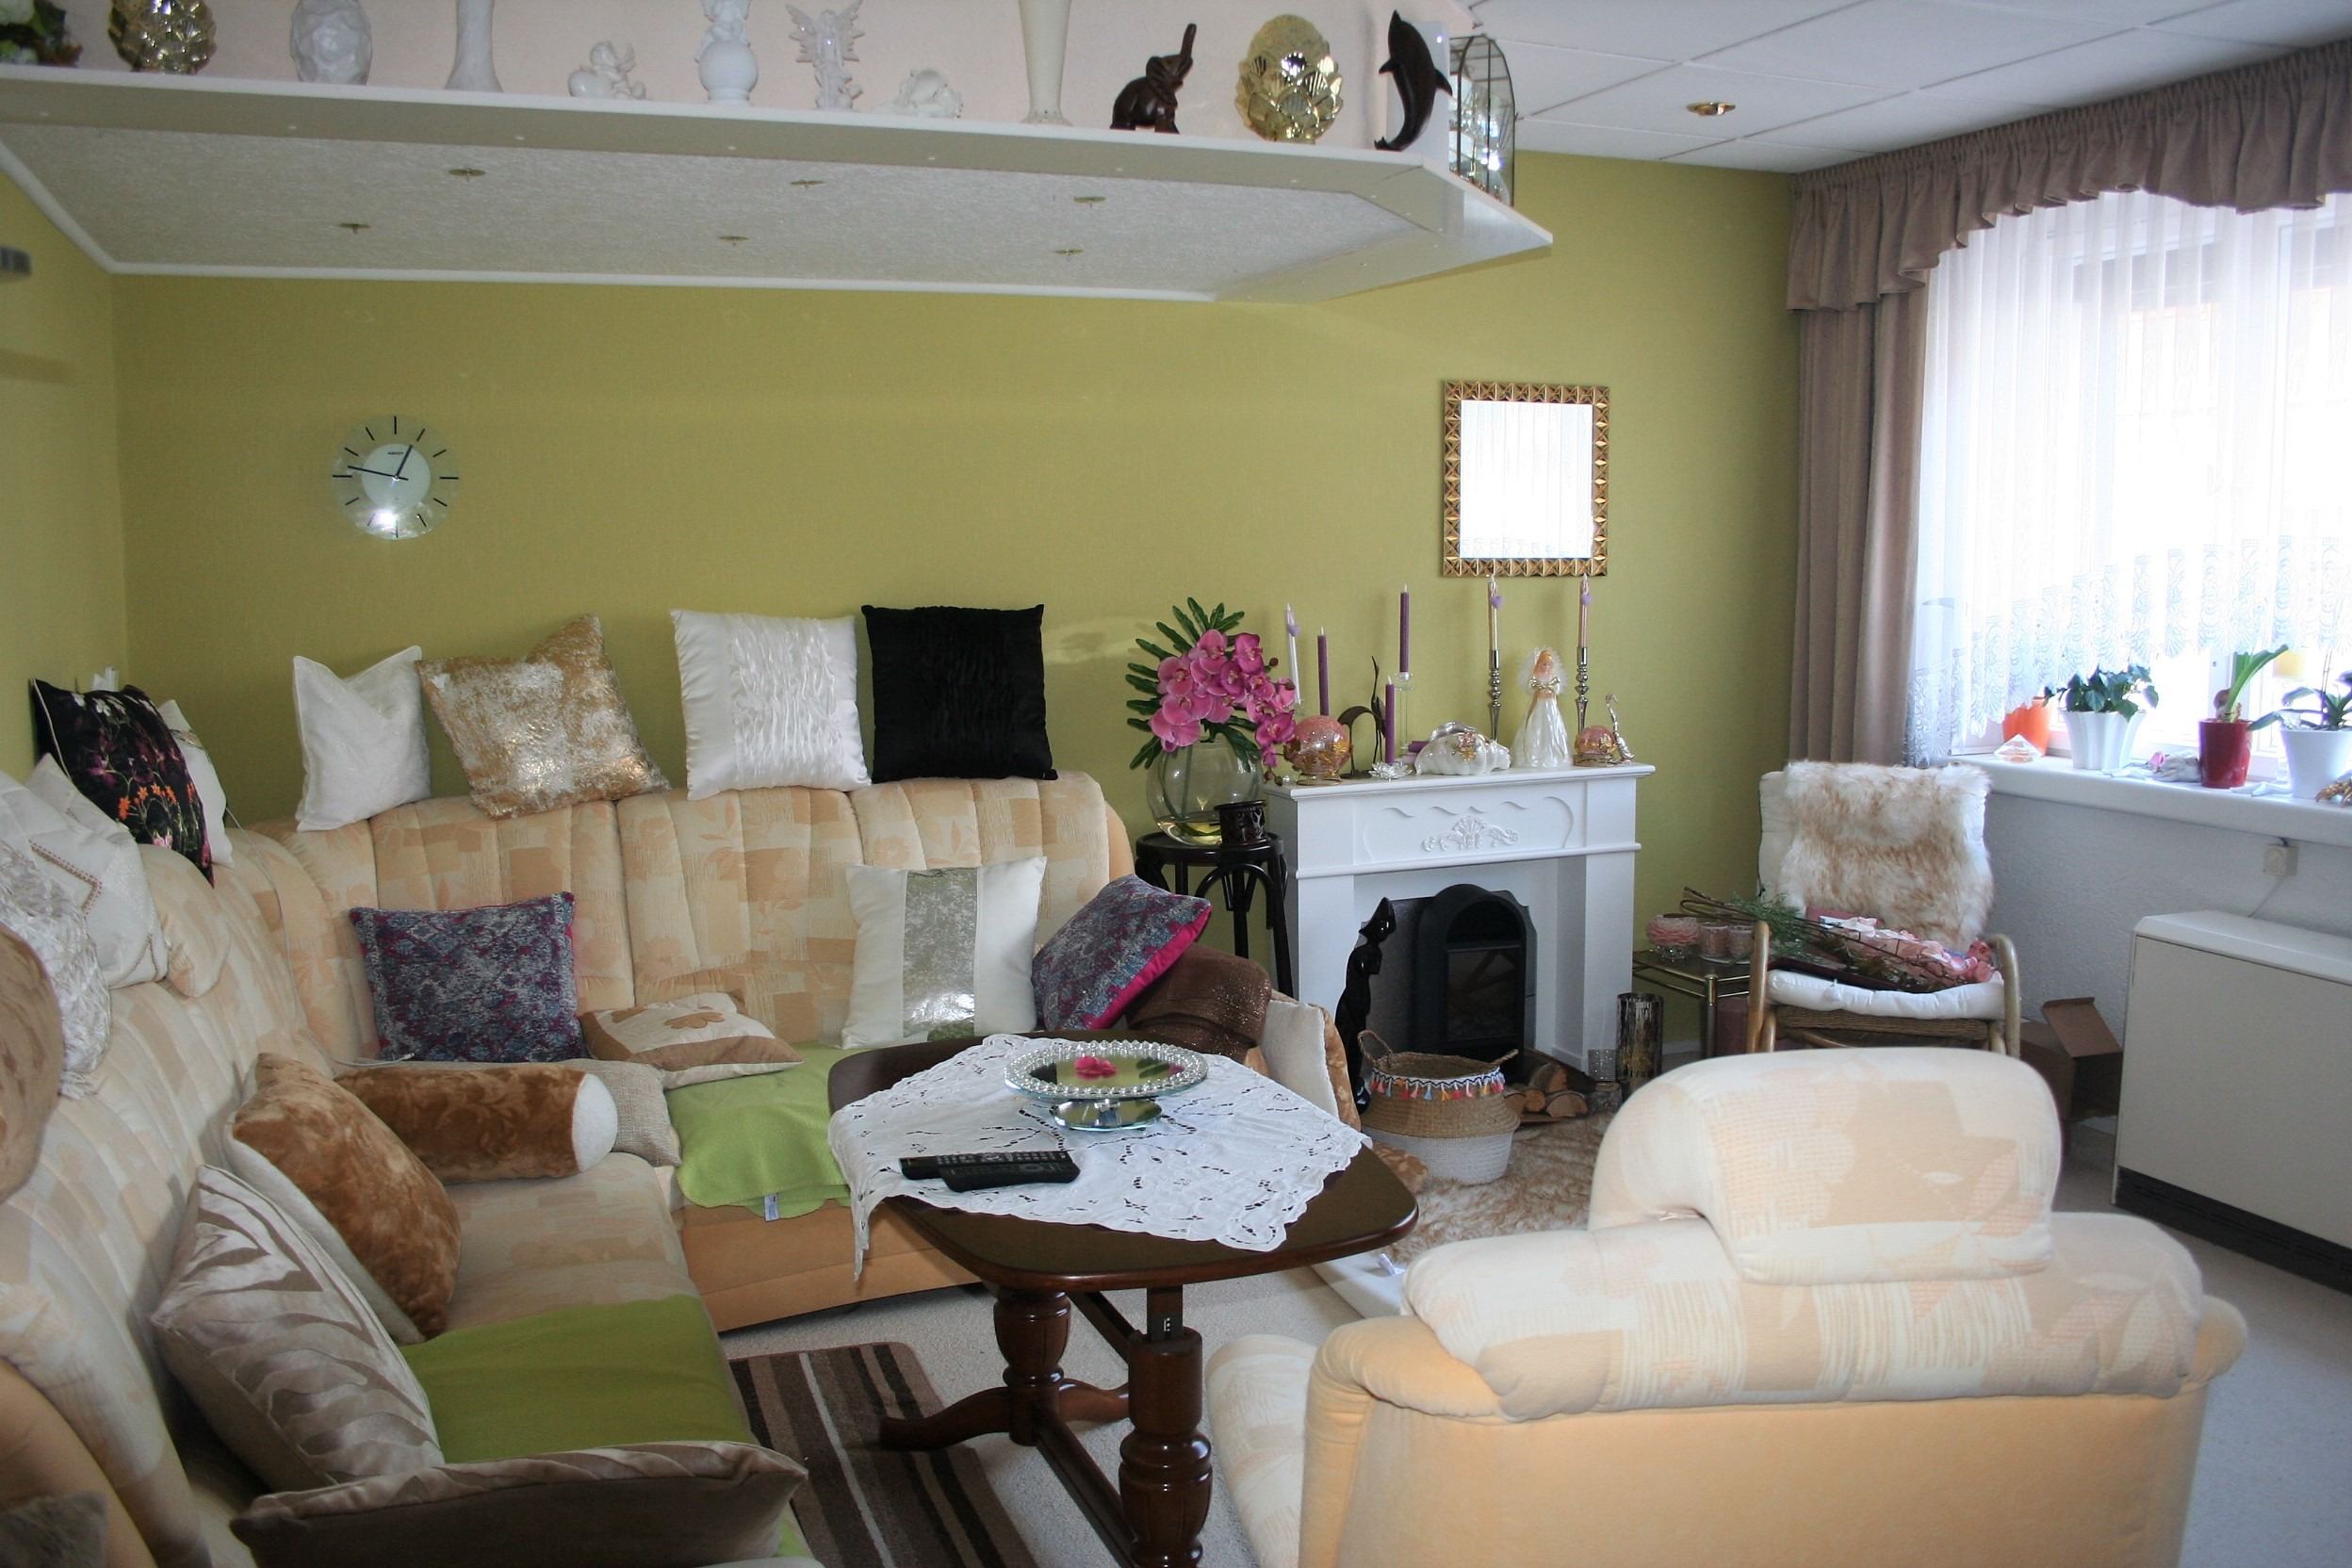 Mehrfamilienhaus/Pension in Peißen - Wohnzimmer im Haupthaus